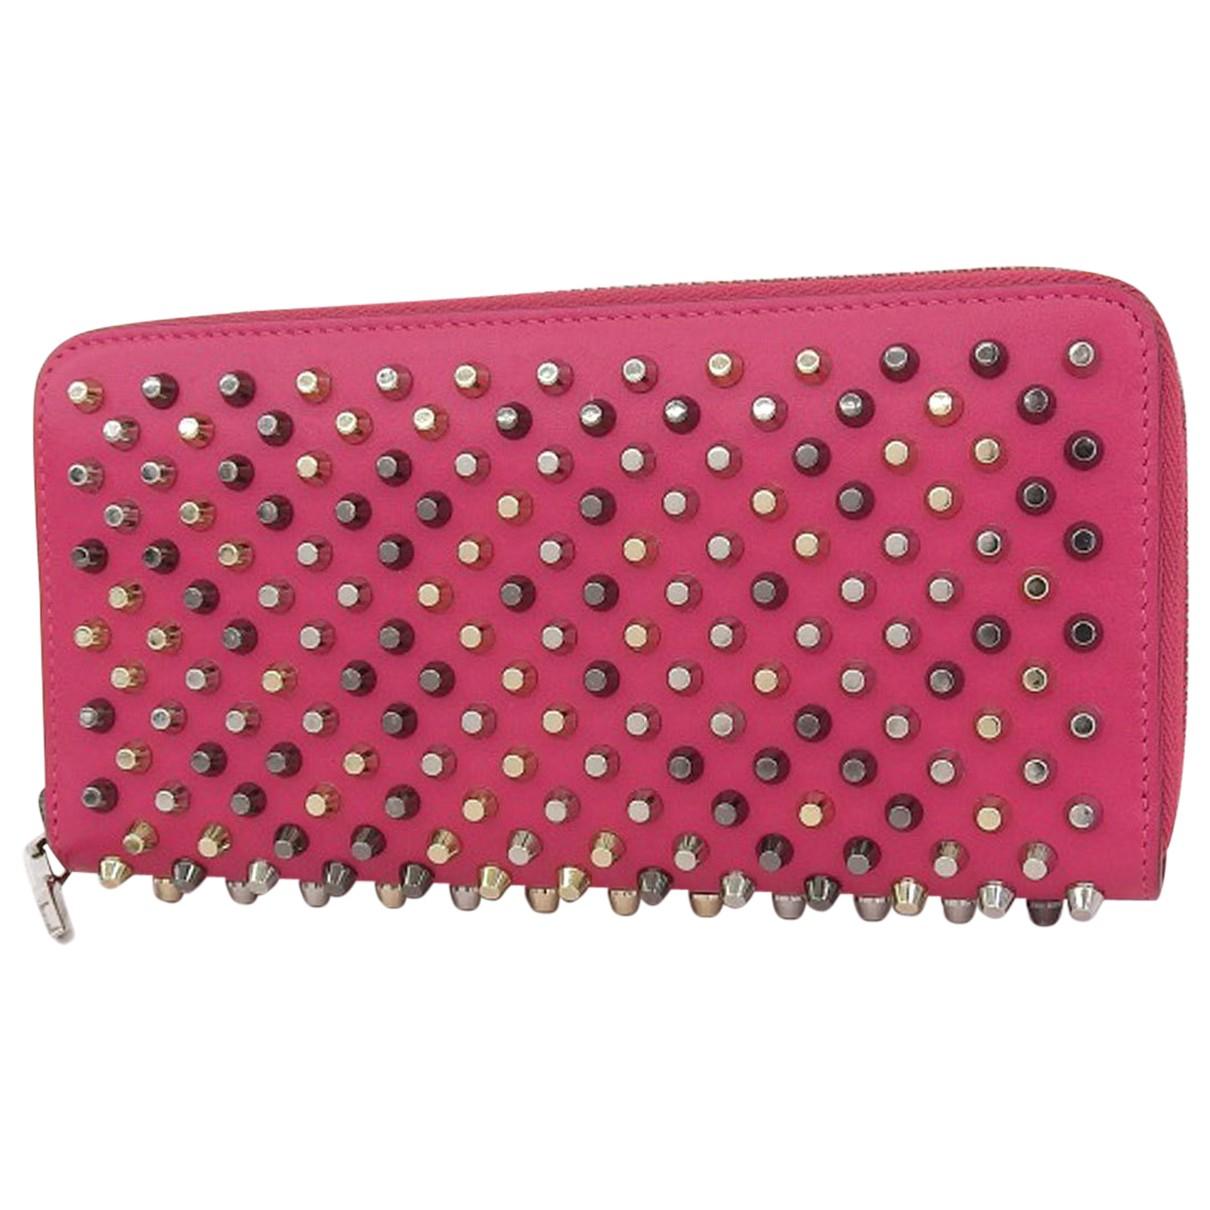 Christian Louboutin - Portefeuille Panettone pour femme en cuir - rose